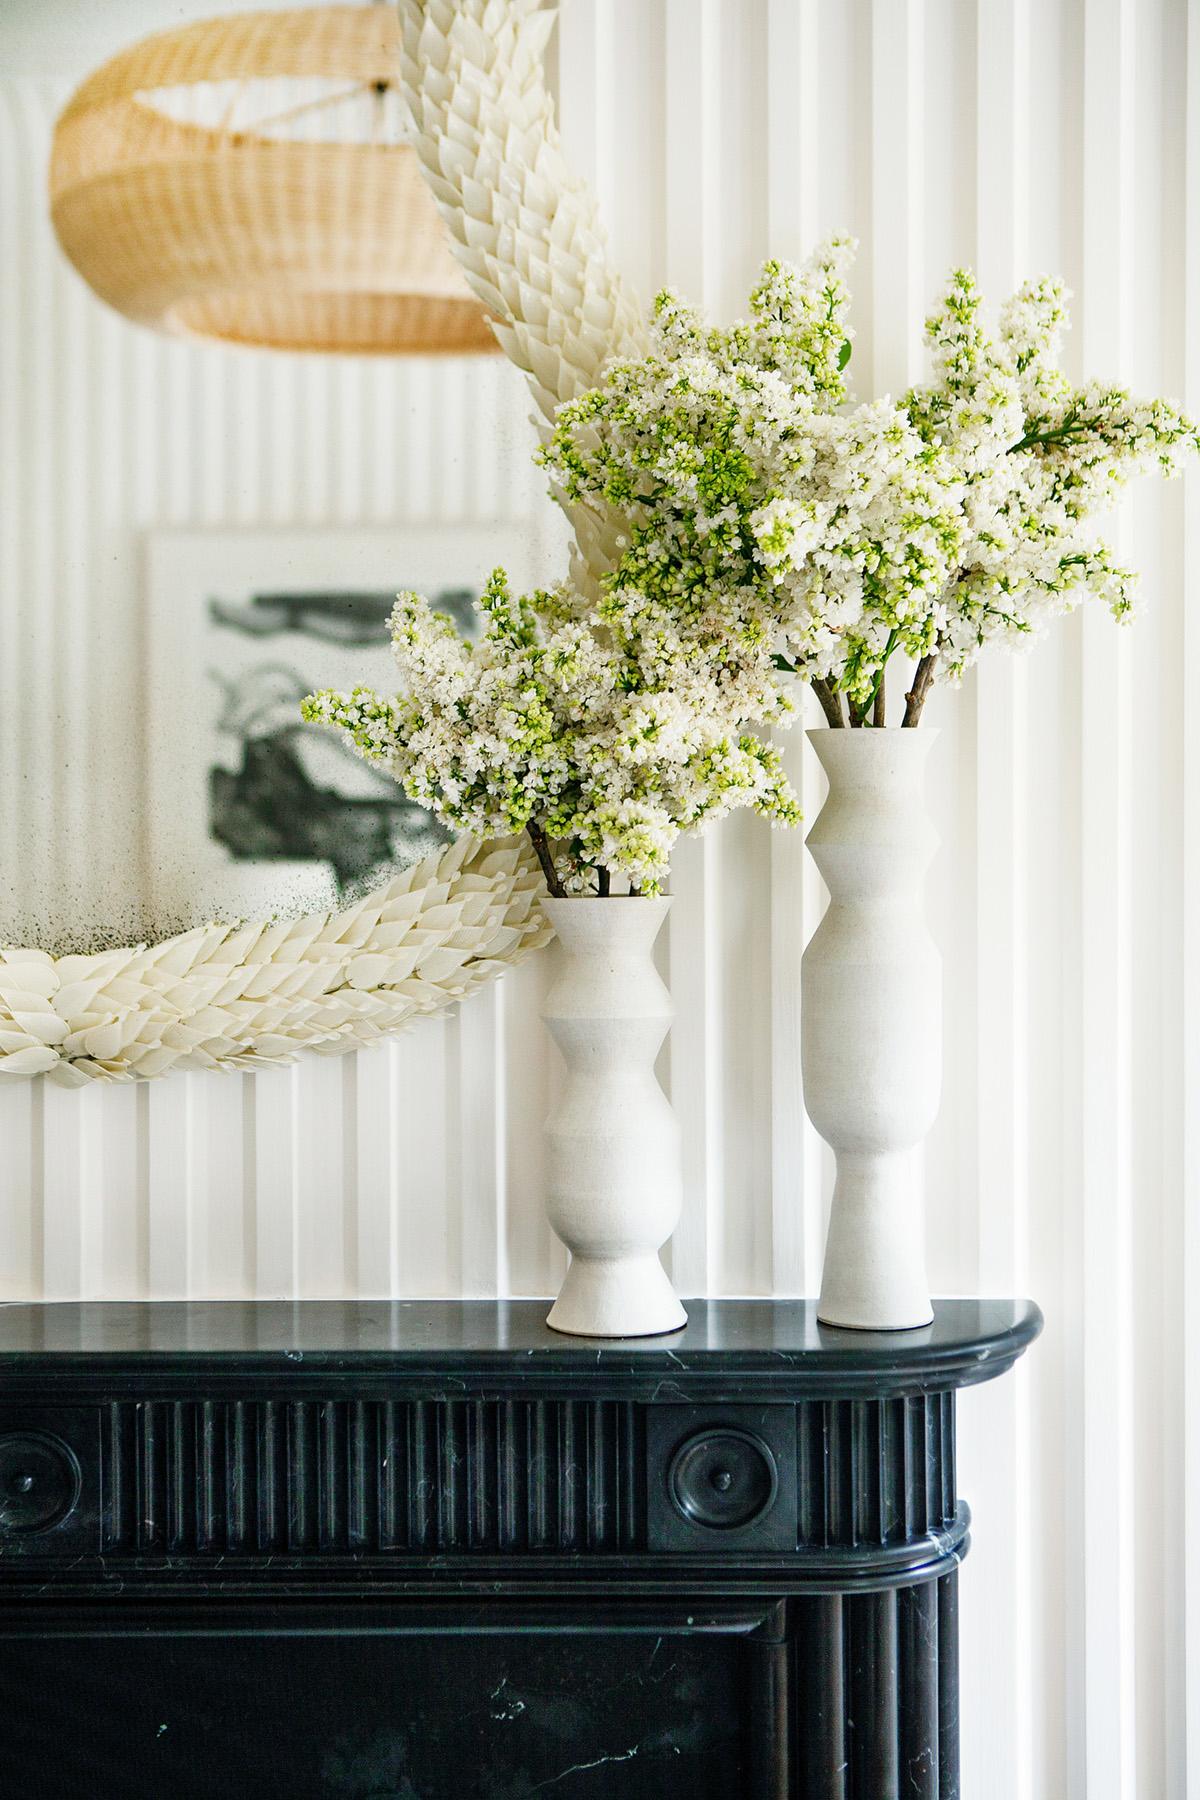 murs de plâtre cannelés et manteau de cheminée classique en noir | Sara bartholomew